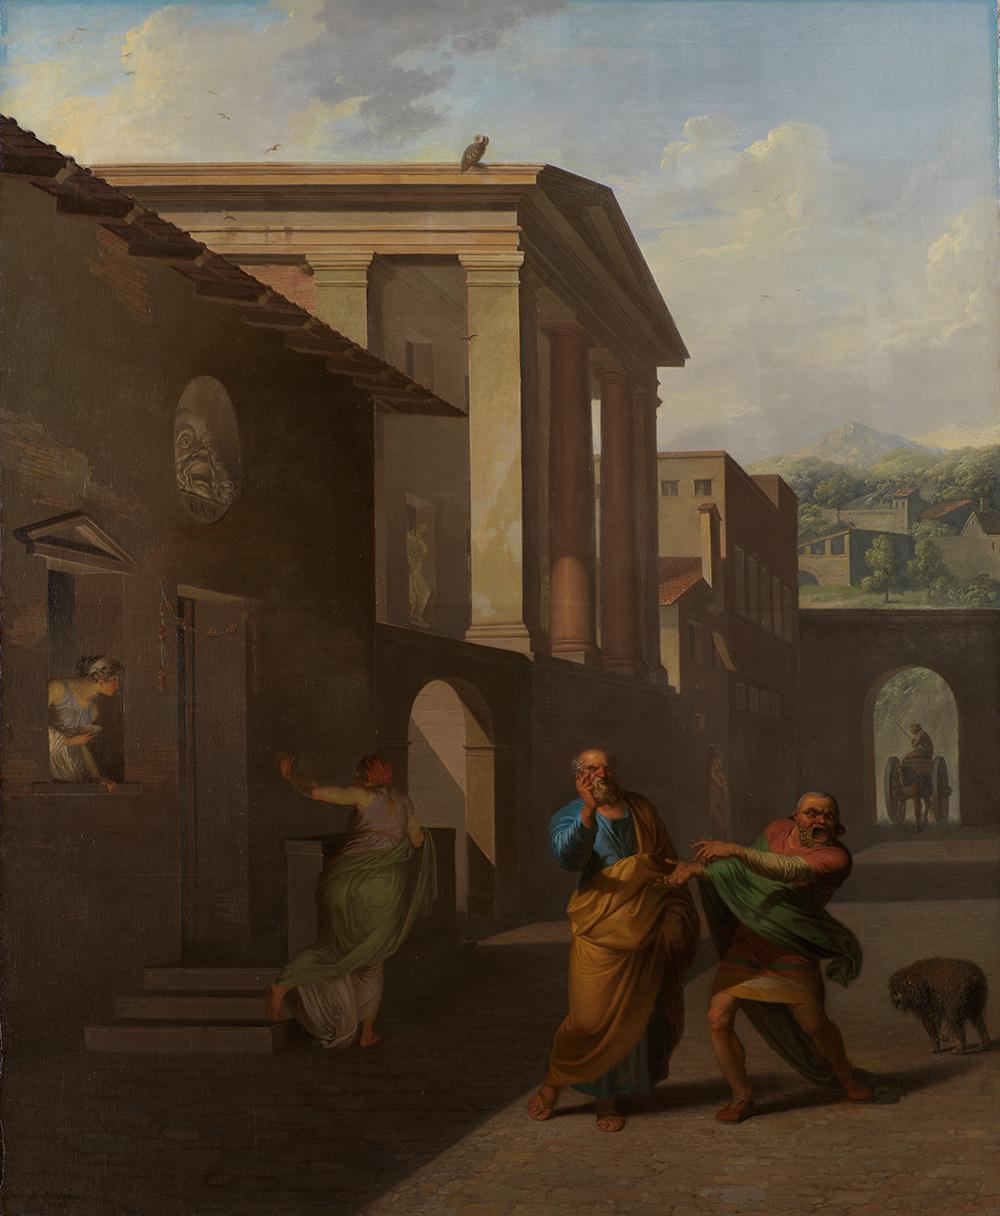 """N.A. Abildgaard, Jordemoderen forlader Androspigens hus. Simo fortæller Davus at han regner barselfærden for bedrageri Terents' komedie """"Pigen fra Andros"""", 3. optrin, Olie på lærred, 157.5 x 128.5 cm. SMK."""